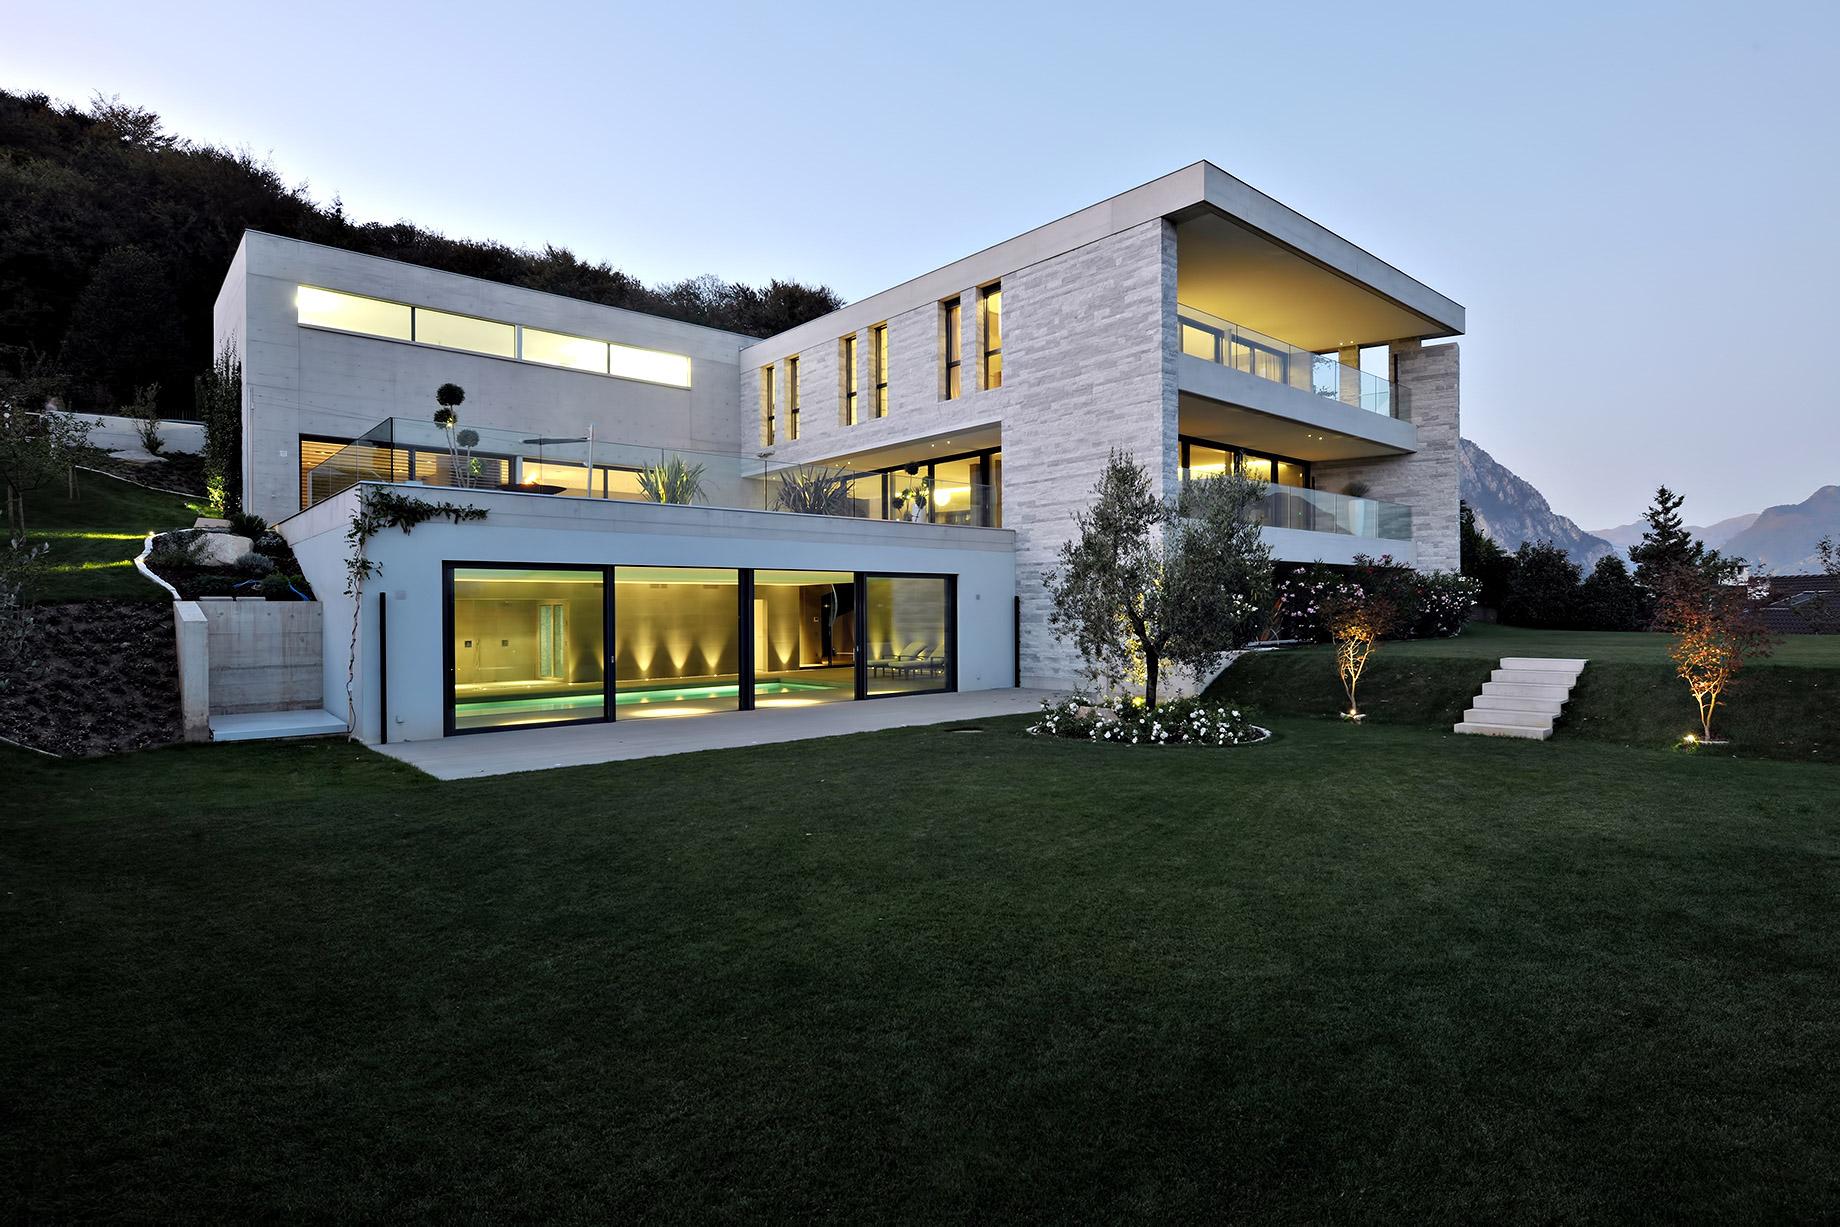 Villa Carona Luxury Residence - Lugano, Switzerland